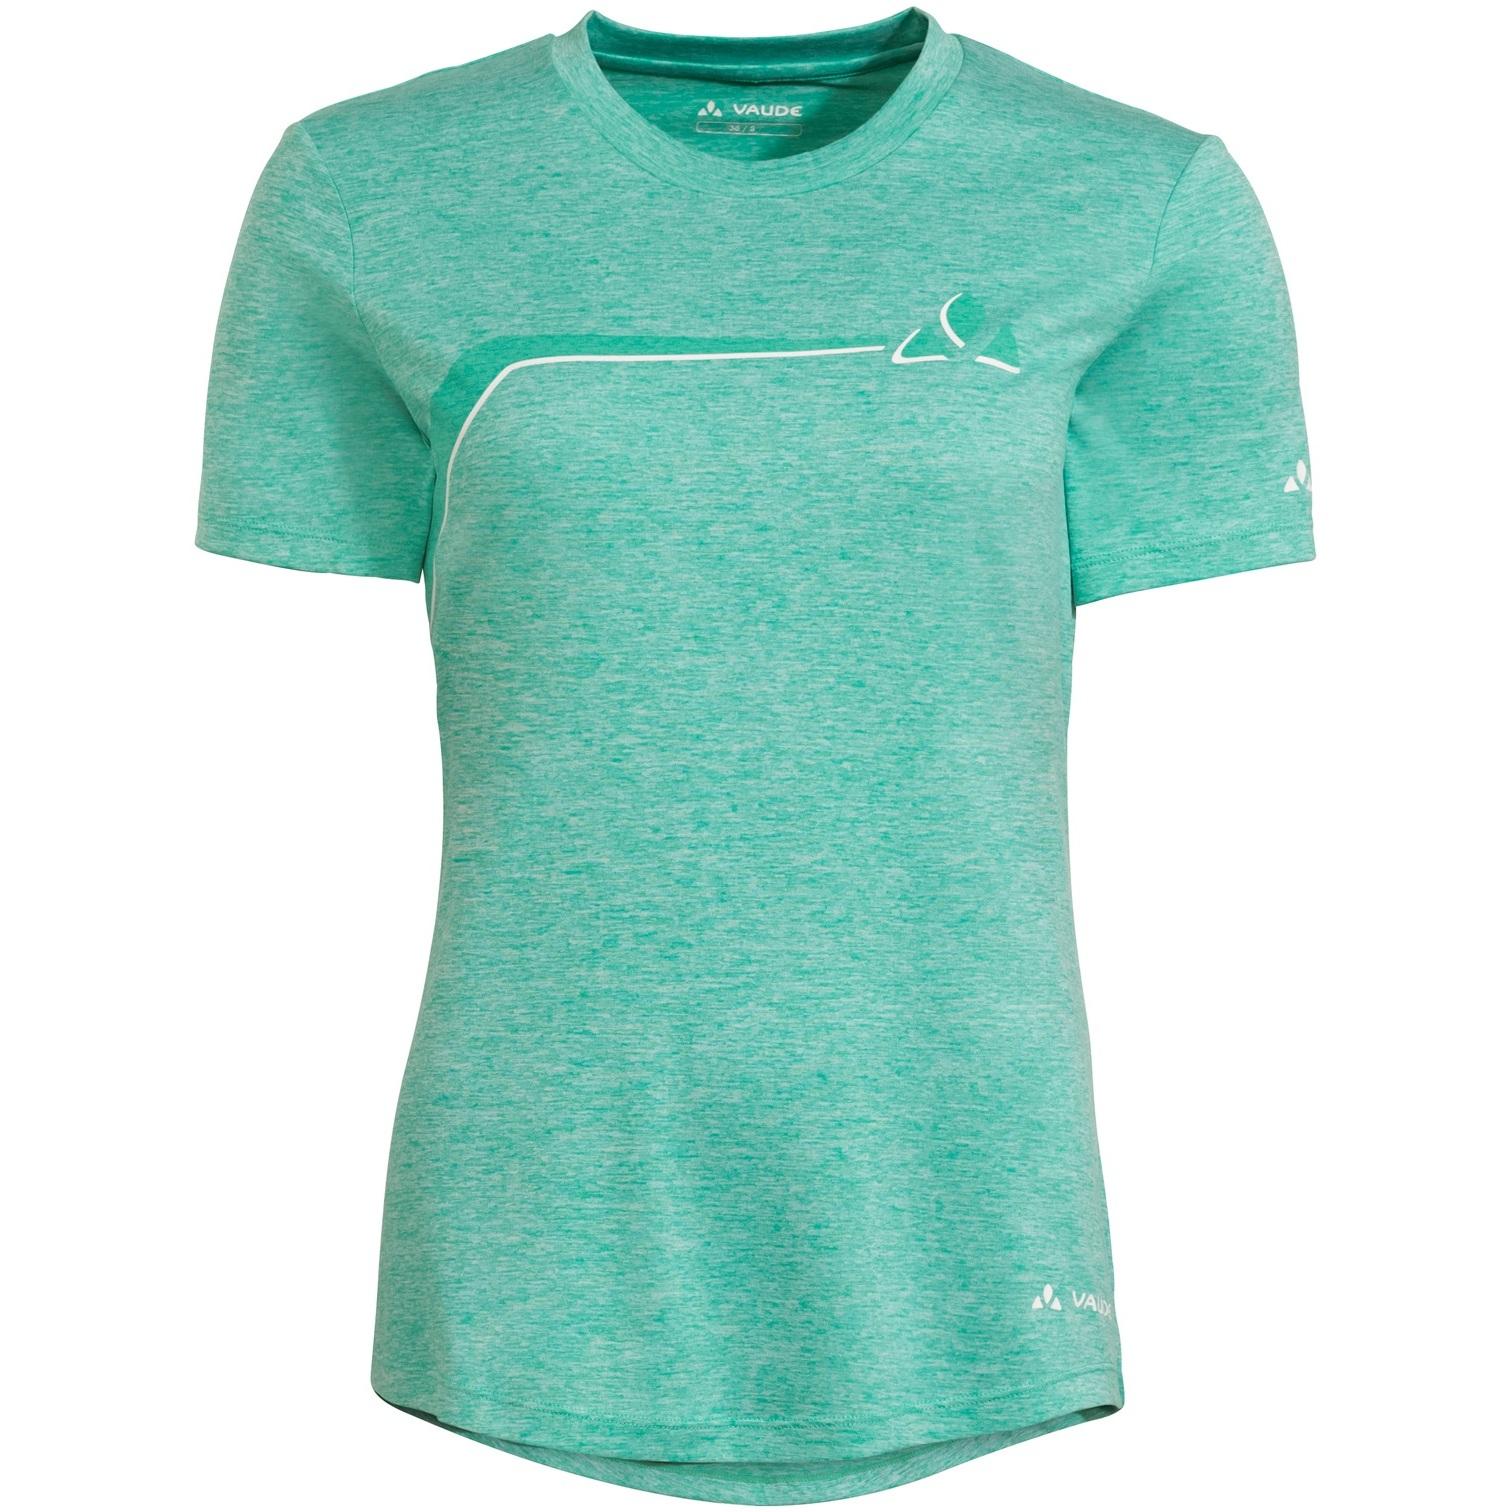 Vaude Bracket MTB Damen T-Shirt - peacock